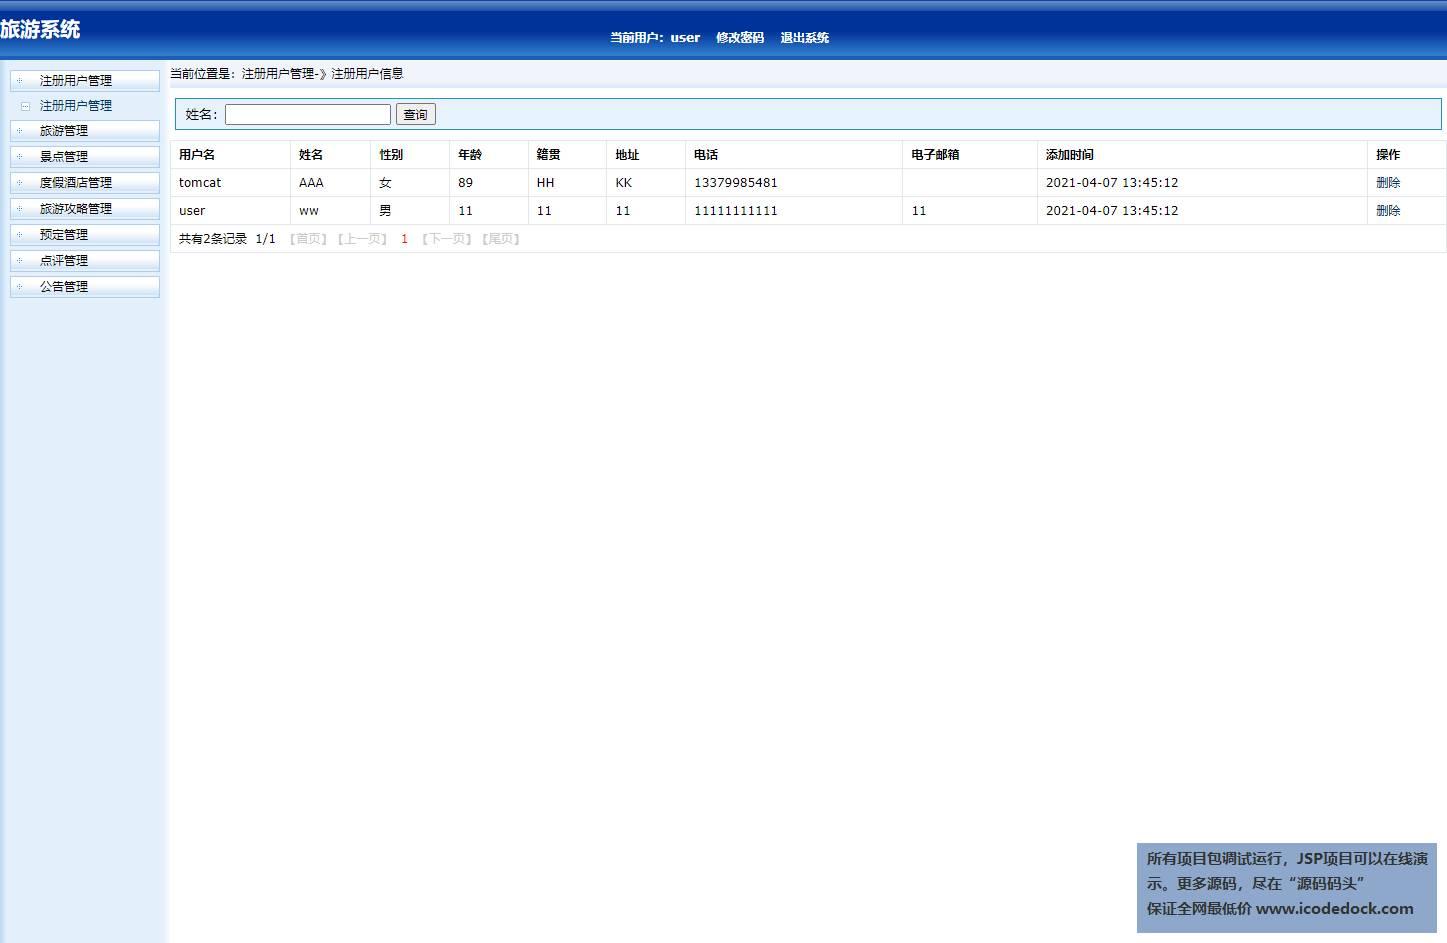 源码码头-SSH实现在线旅游网站-管理员角色-注册用户管理